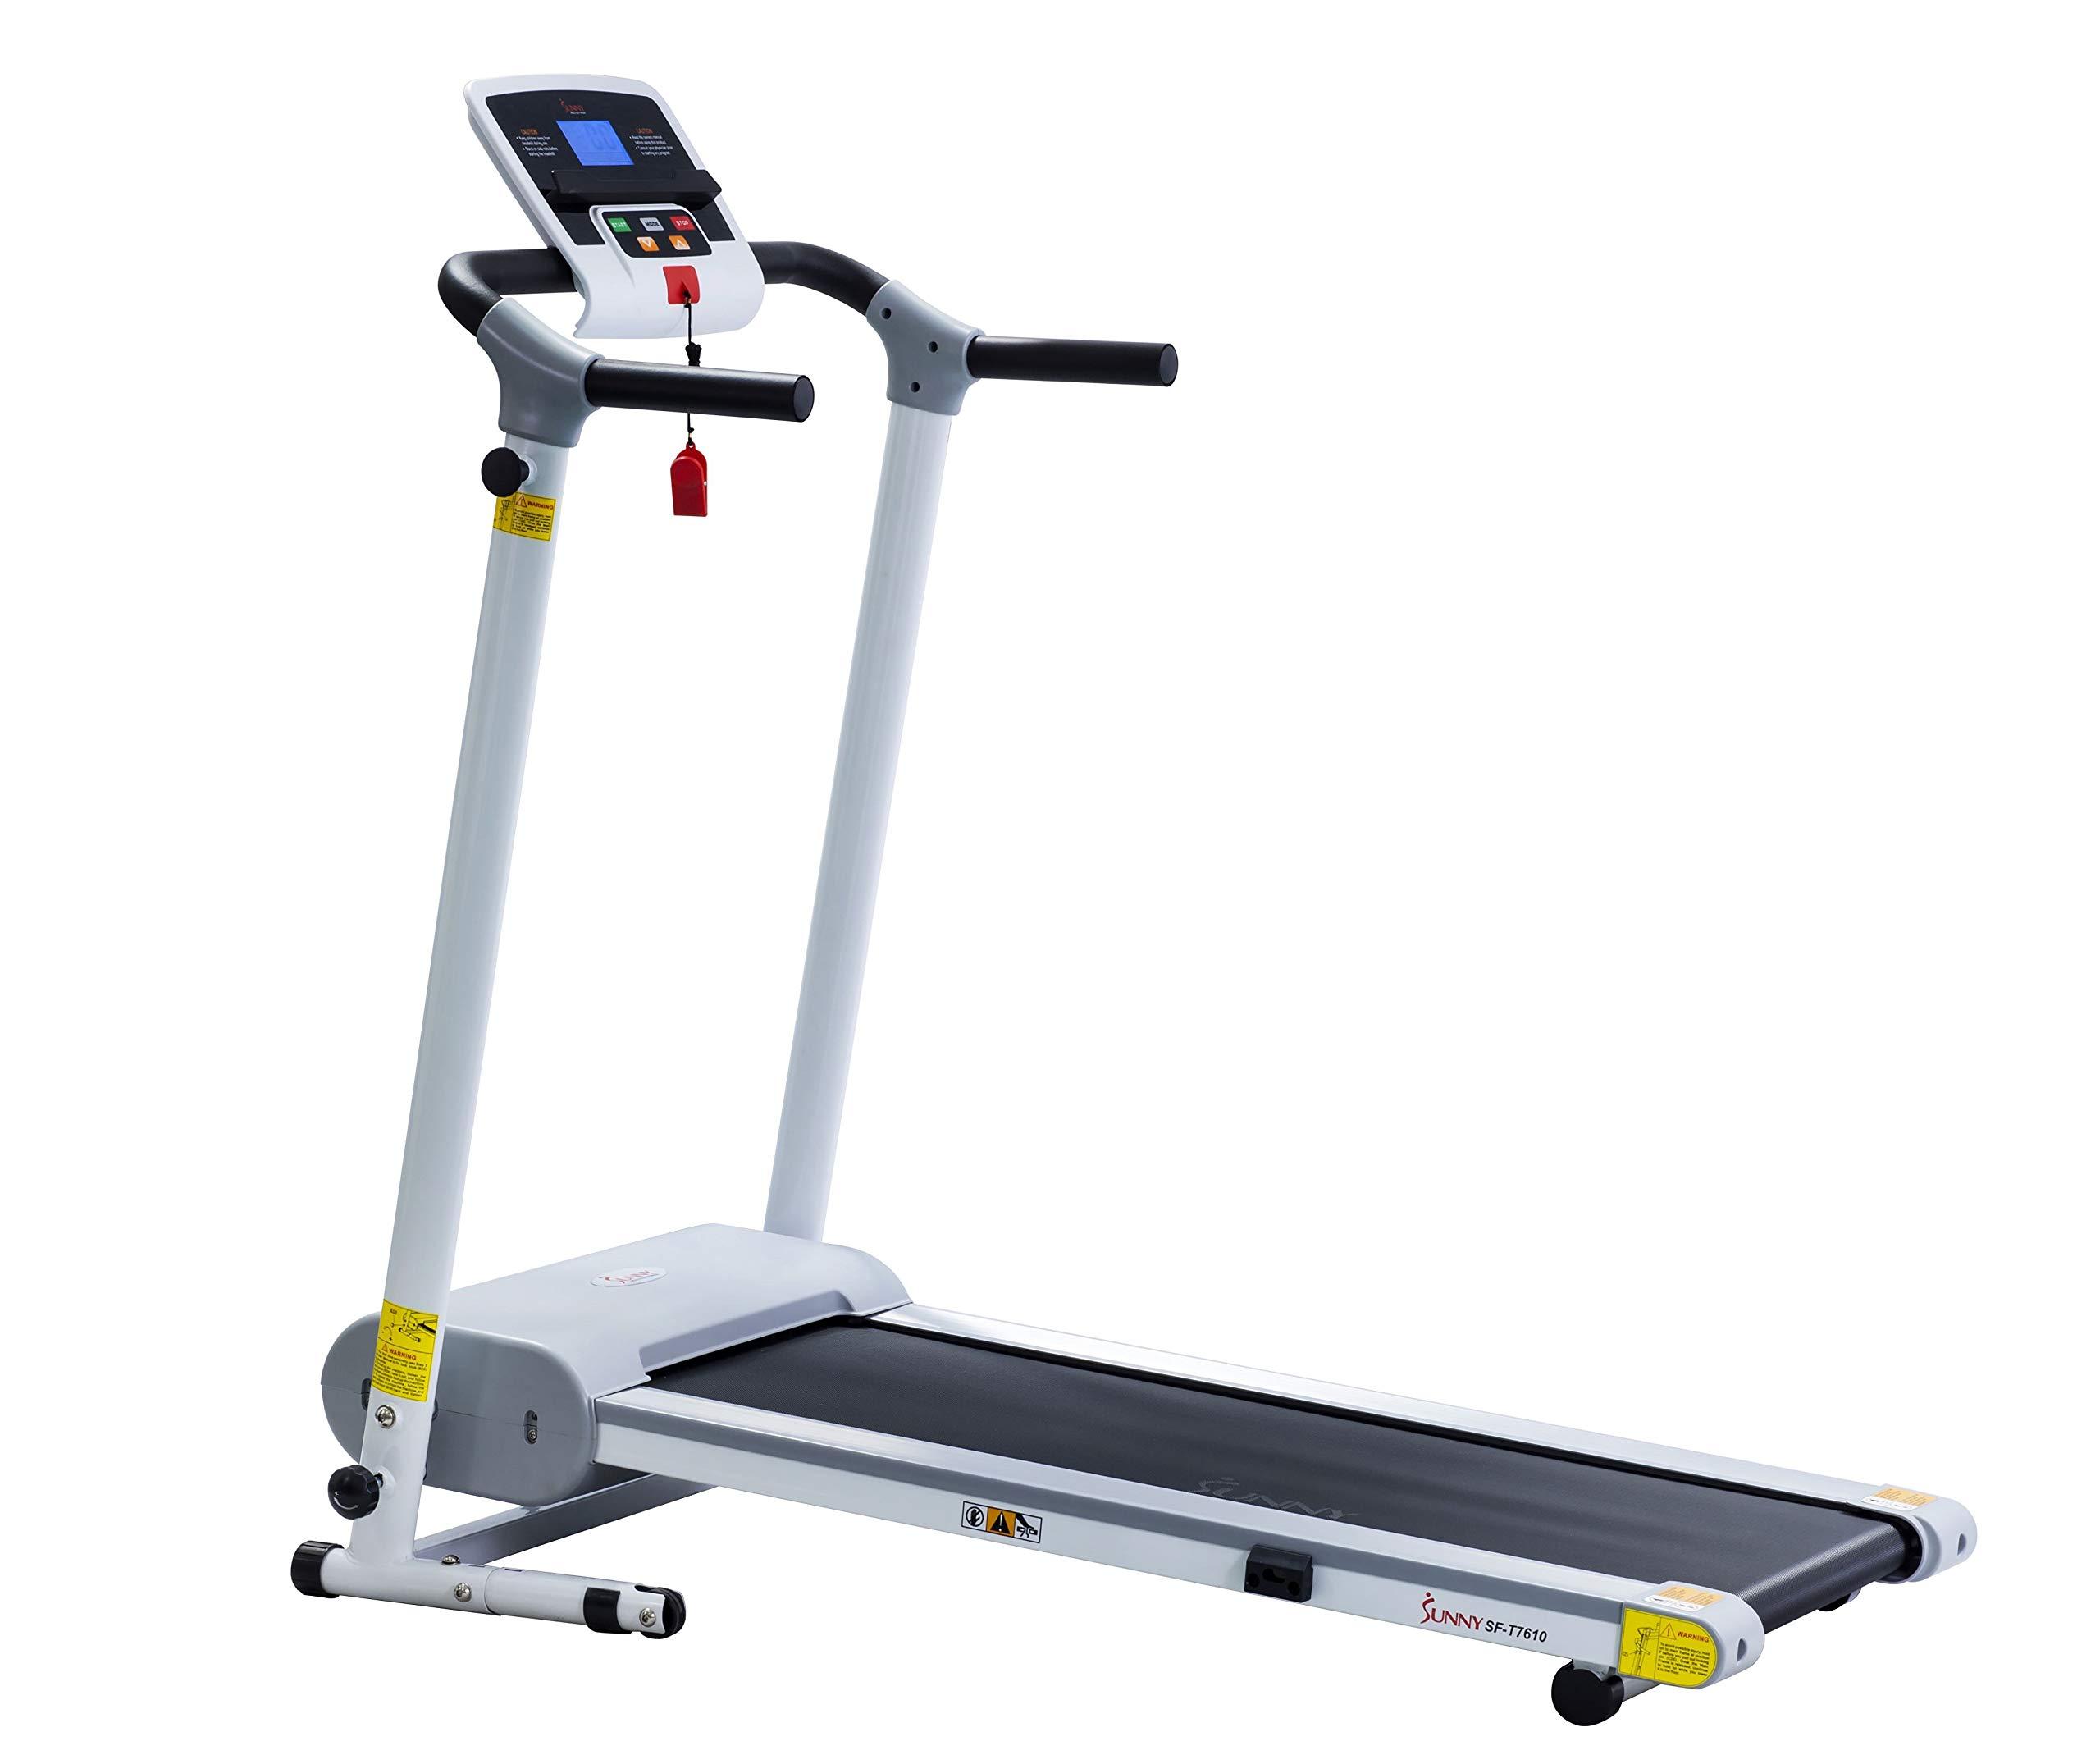 Sunny Health & Fitness Easy Assembly Motorized Walking Treadmill, White by Sunny Health & Fitness (Image #1)